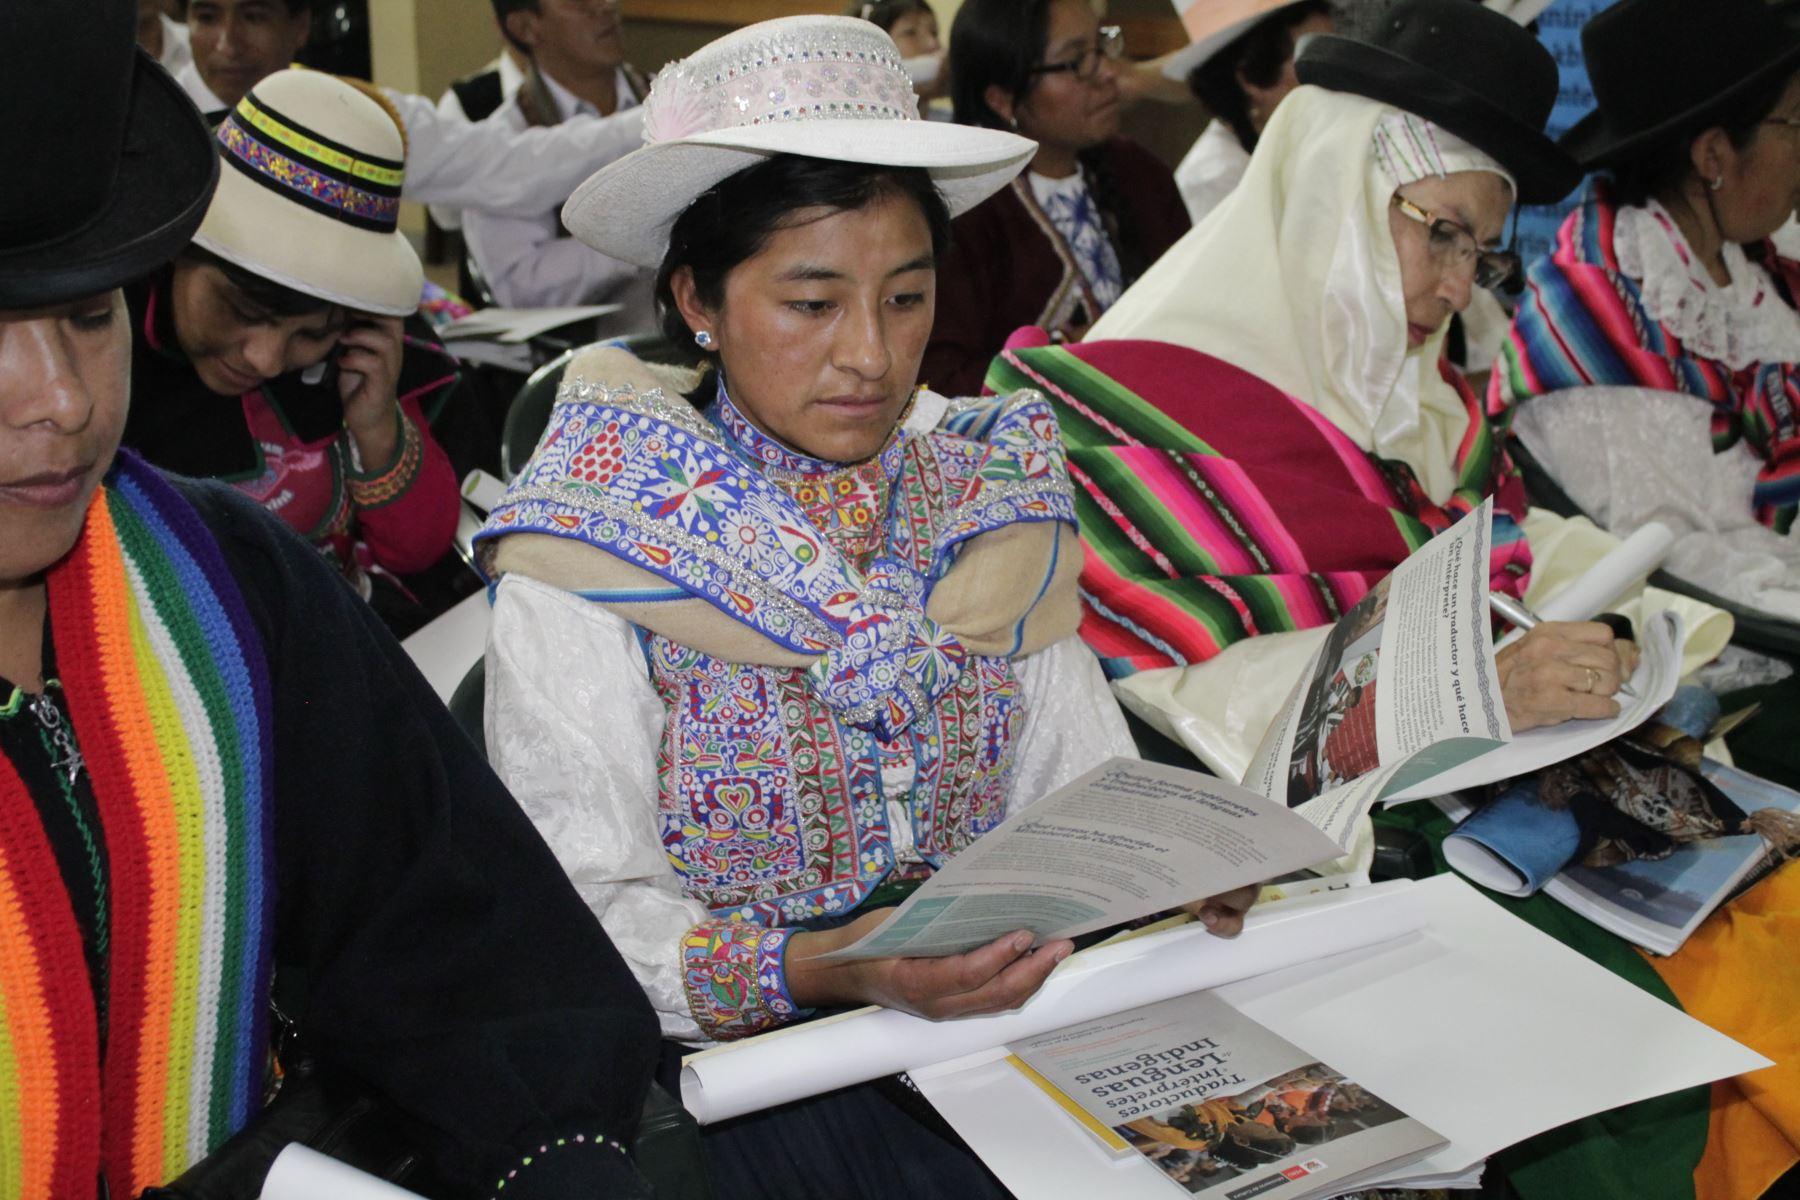 Perú participará en ceremonia de lanzamiento del Año Internacional de las Lenguas Indígenas que organiza la Unesco en París.